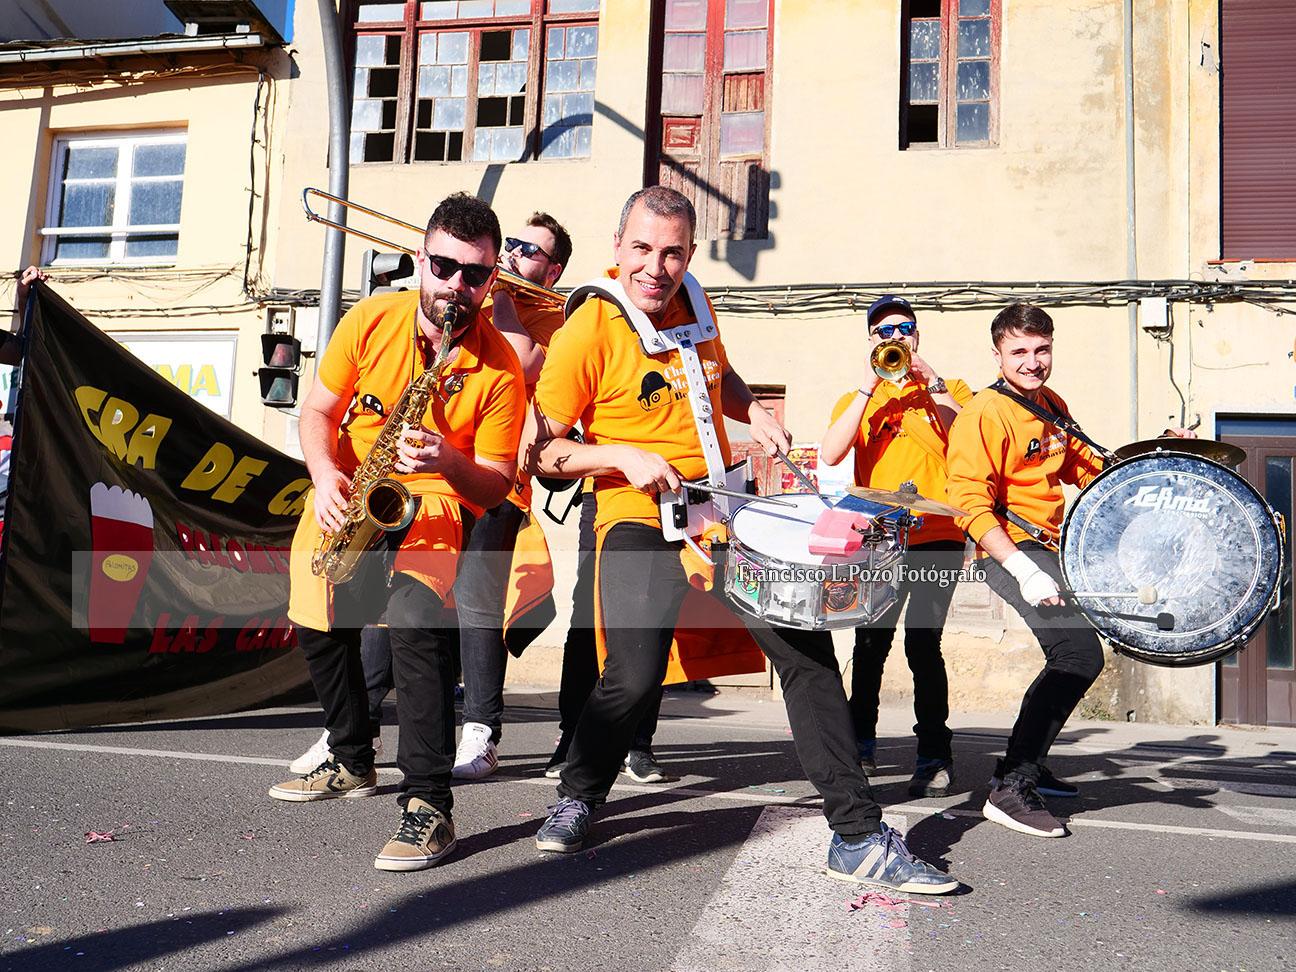 Carnaval 2020: Camponaraya sale a la calle a ritmo de comparsa 131